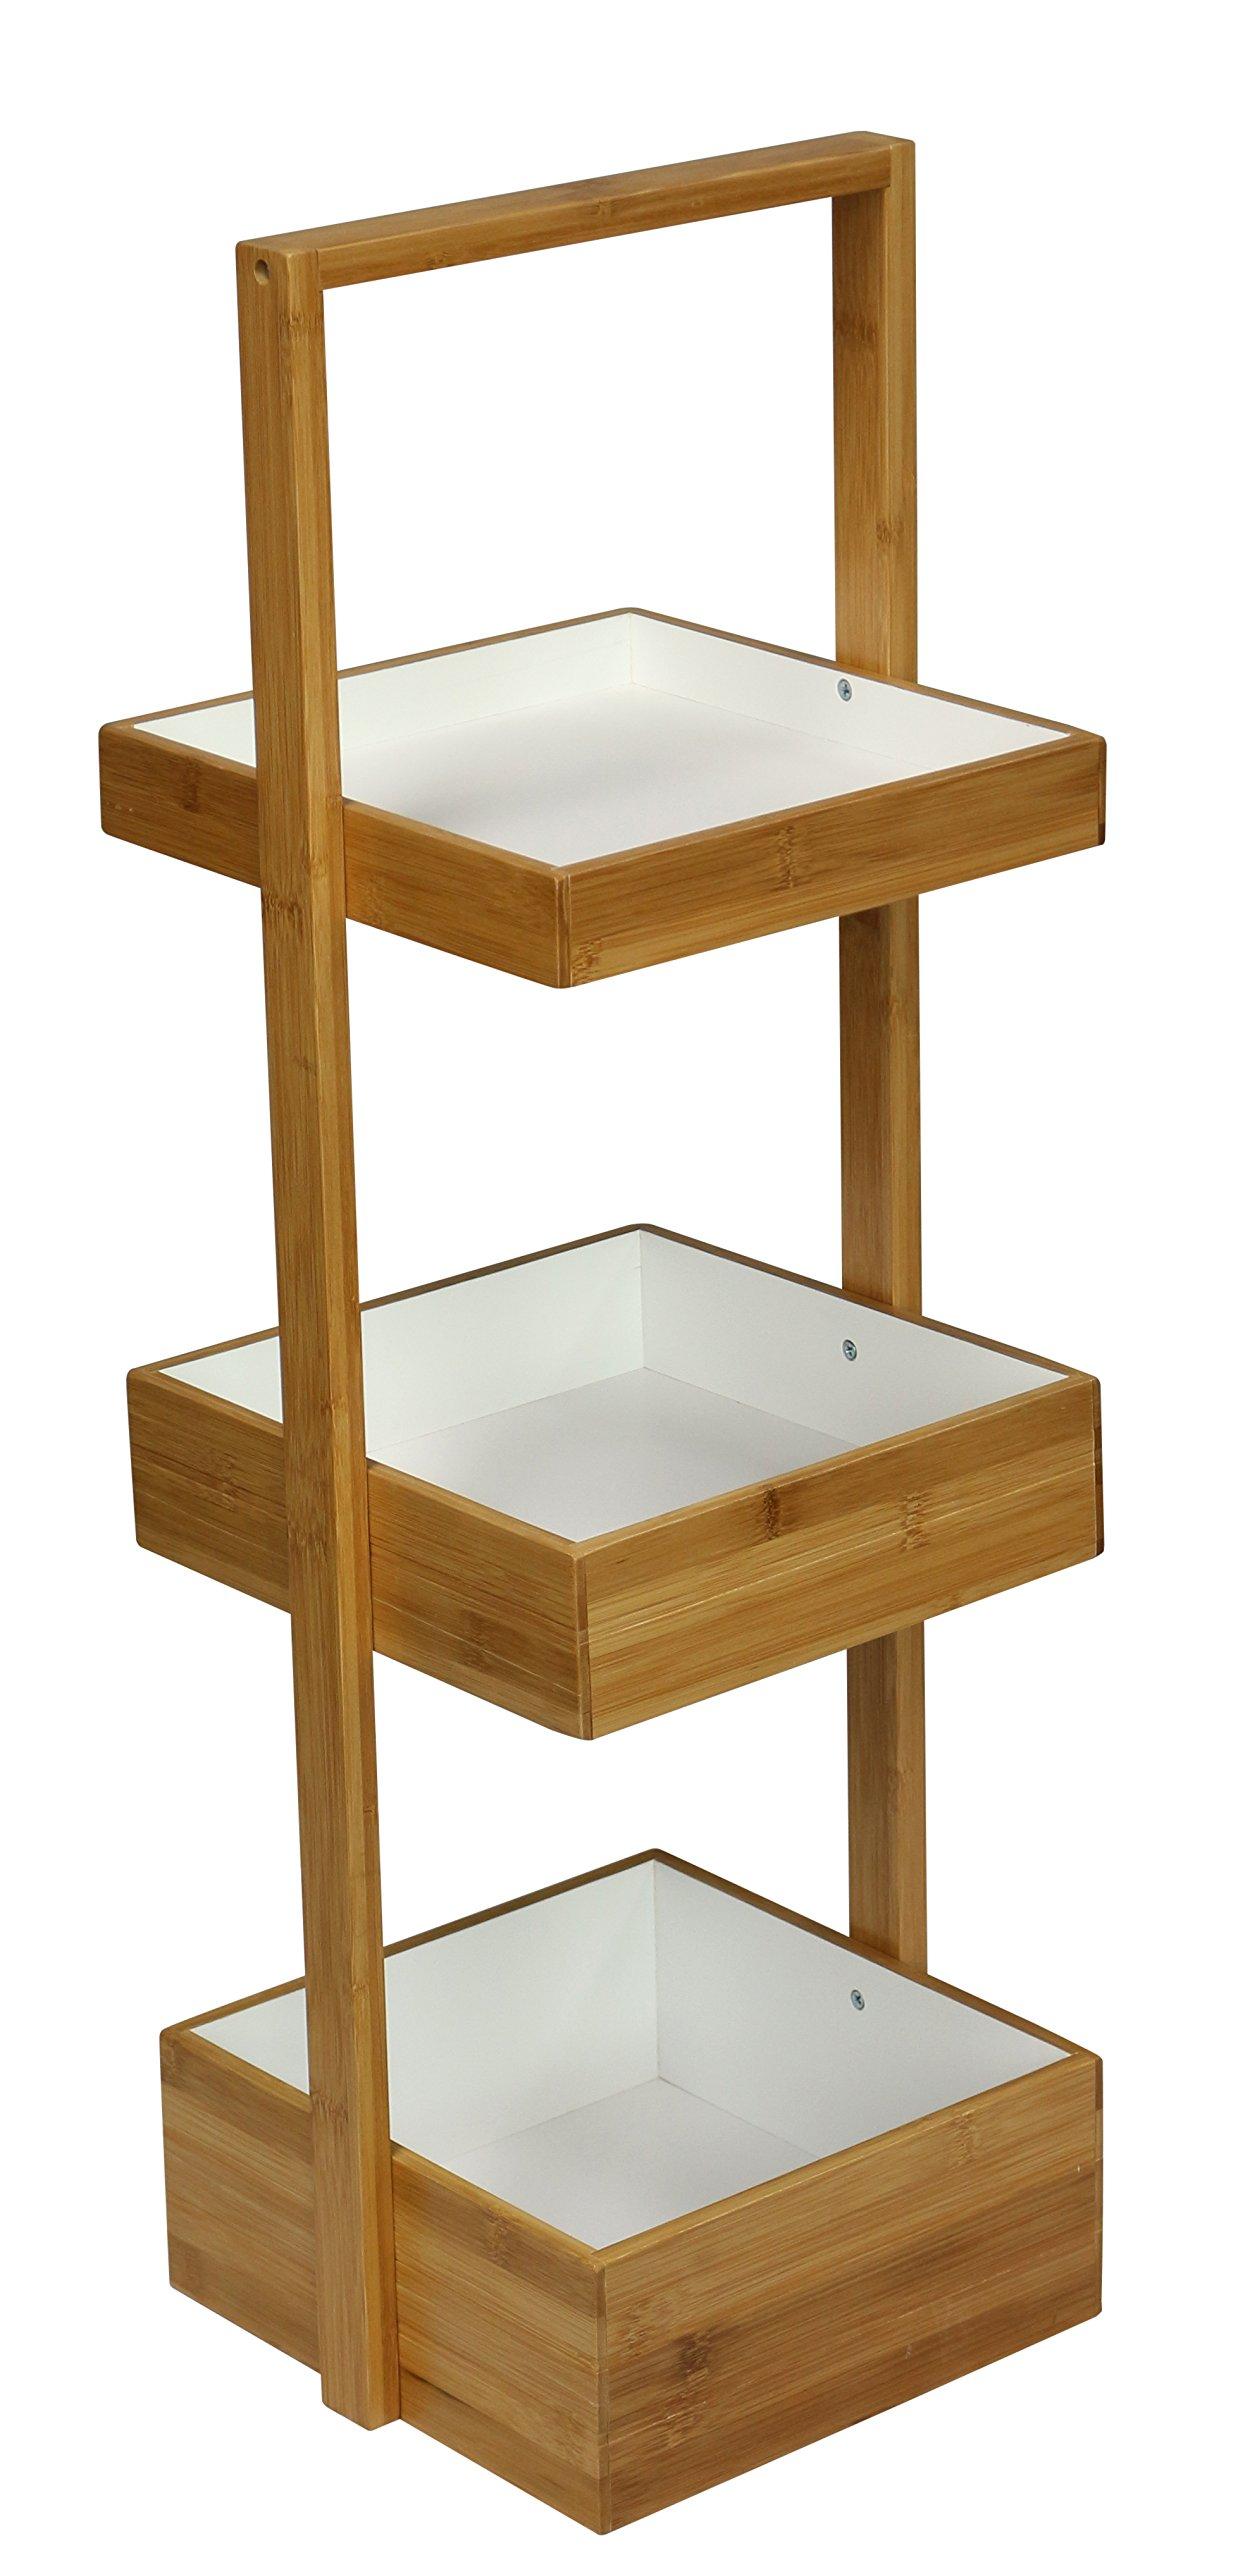 eHemco 3 Tier Bamboo Multi Purpose Shelf,Storage,Organizer Natural & White …